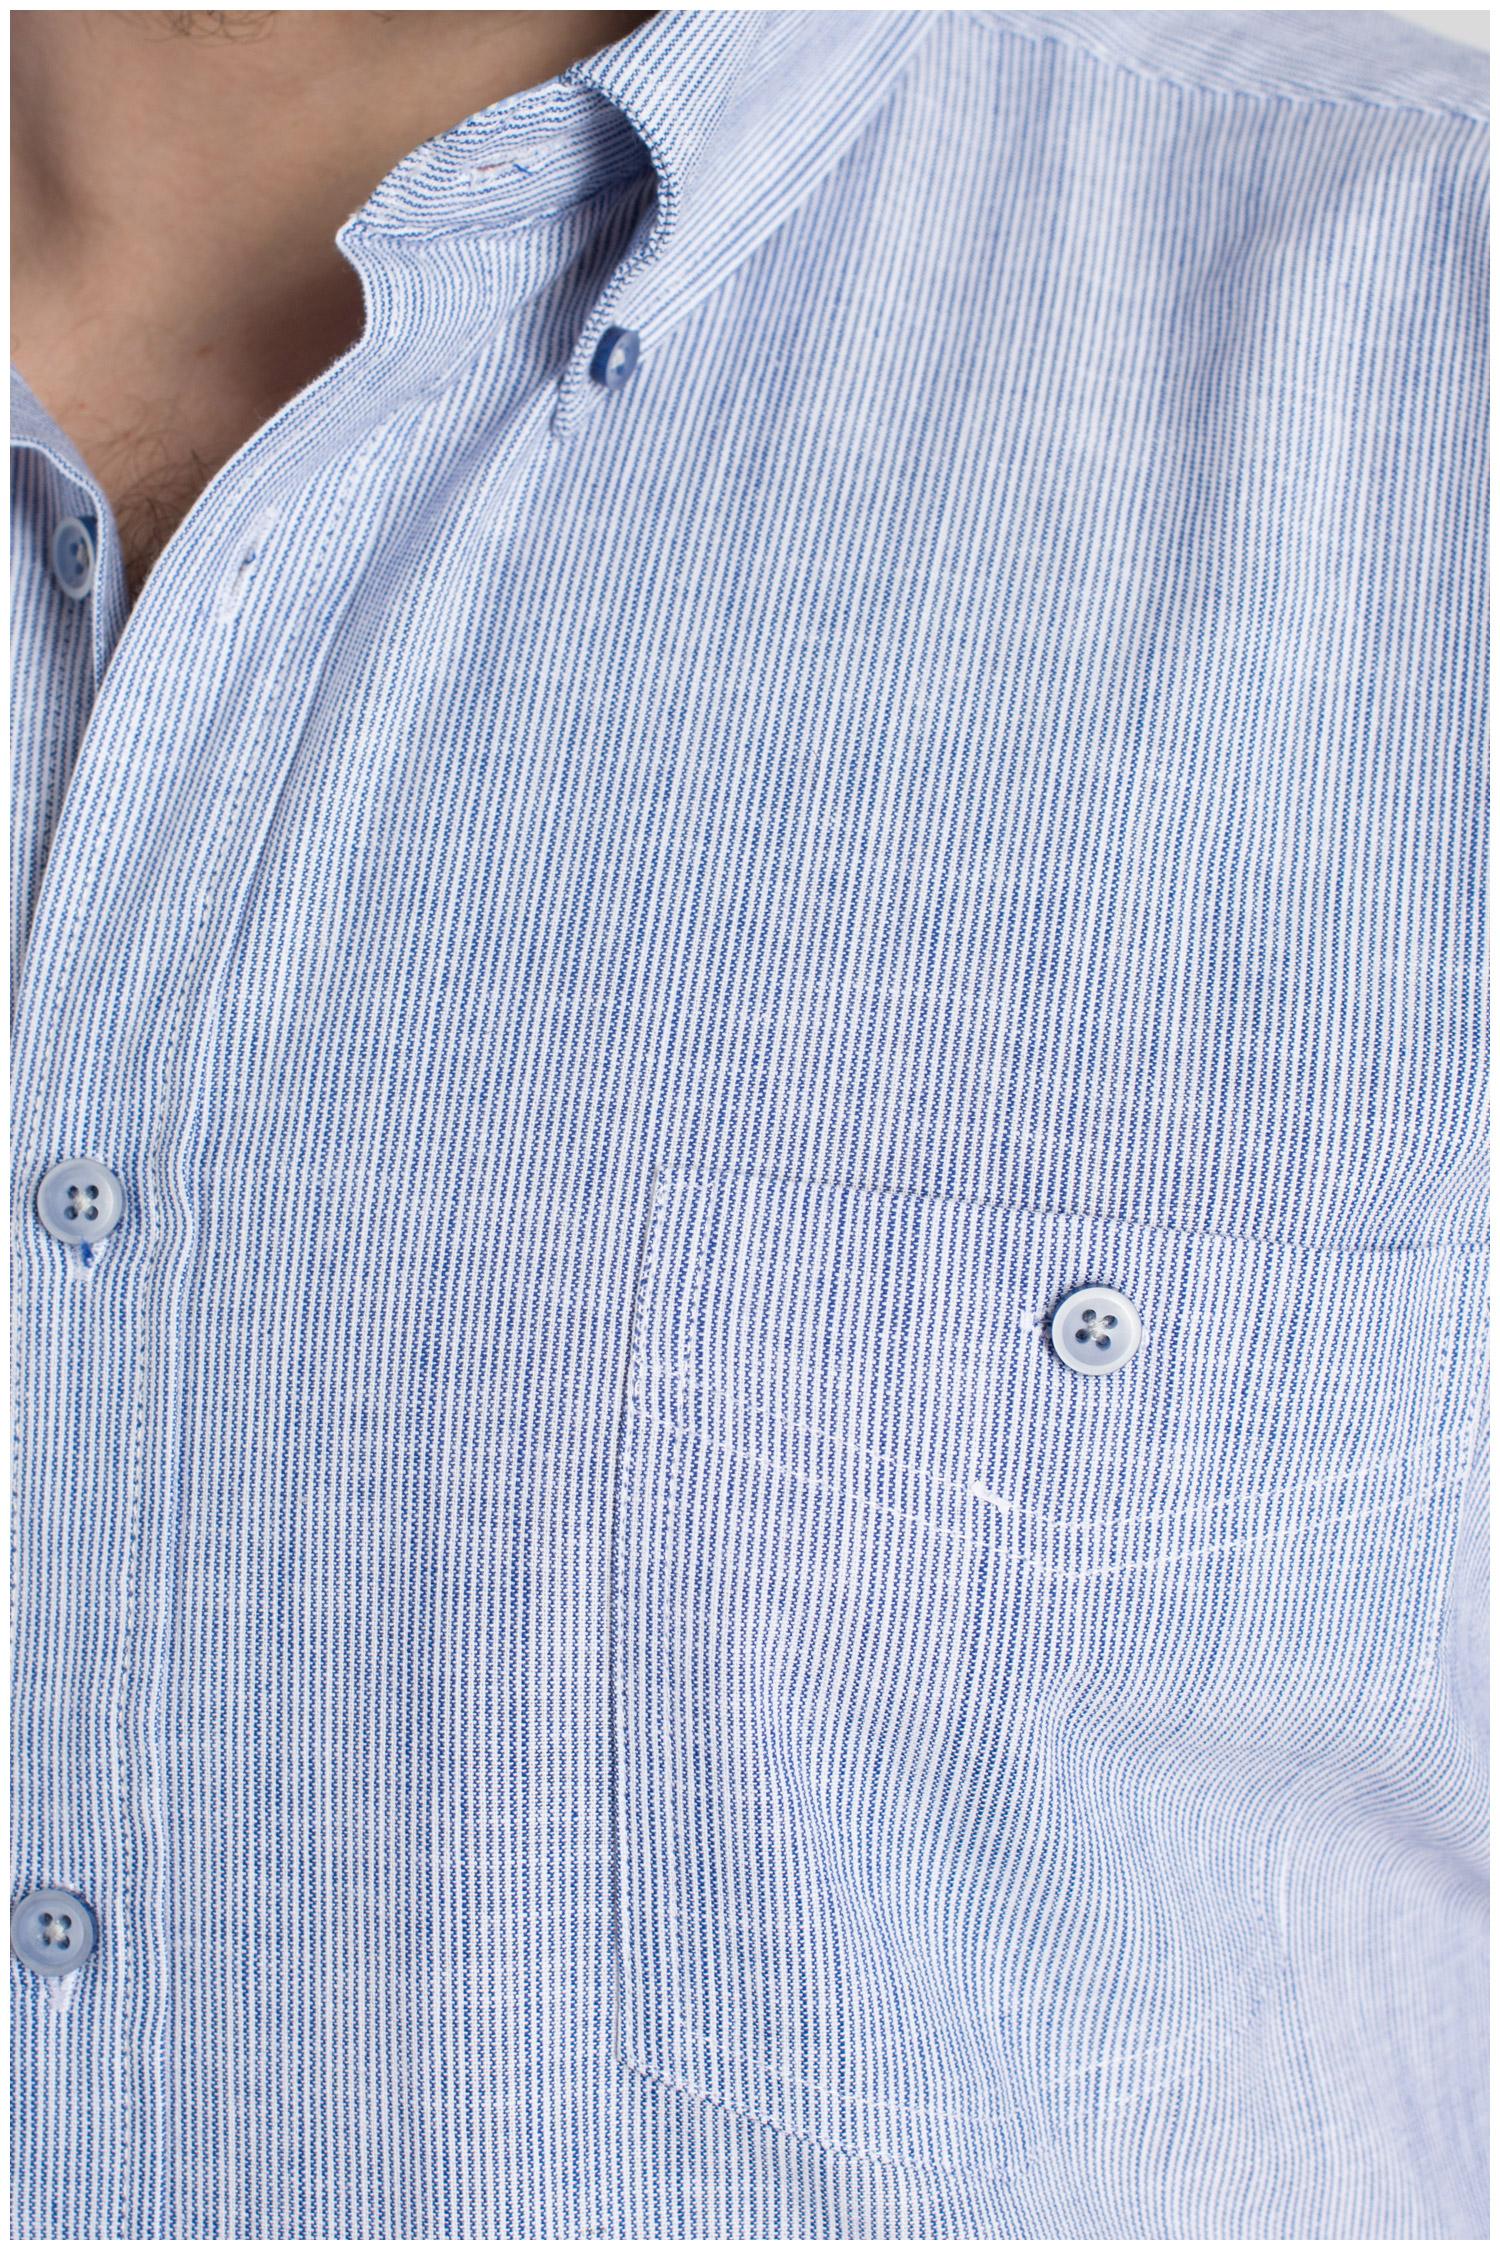 Camisas, Sport Manga Corta, 109750, CELESTE   Zoom